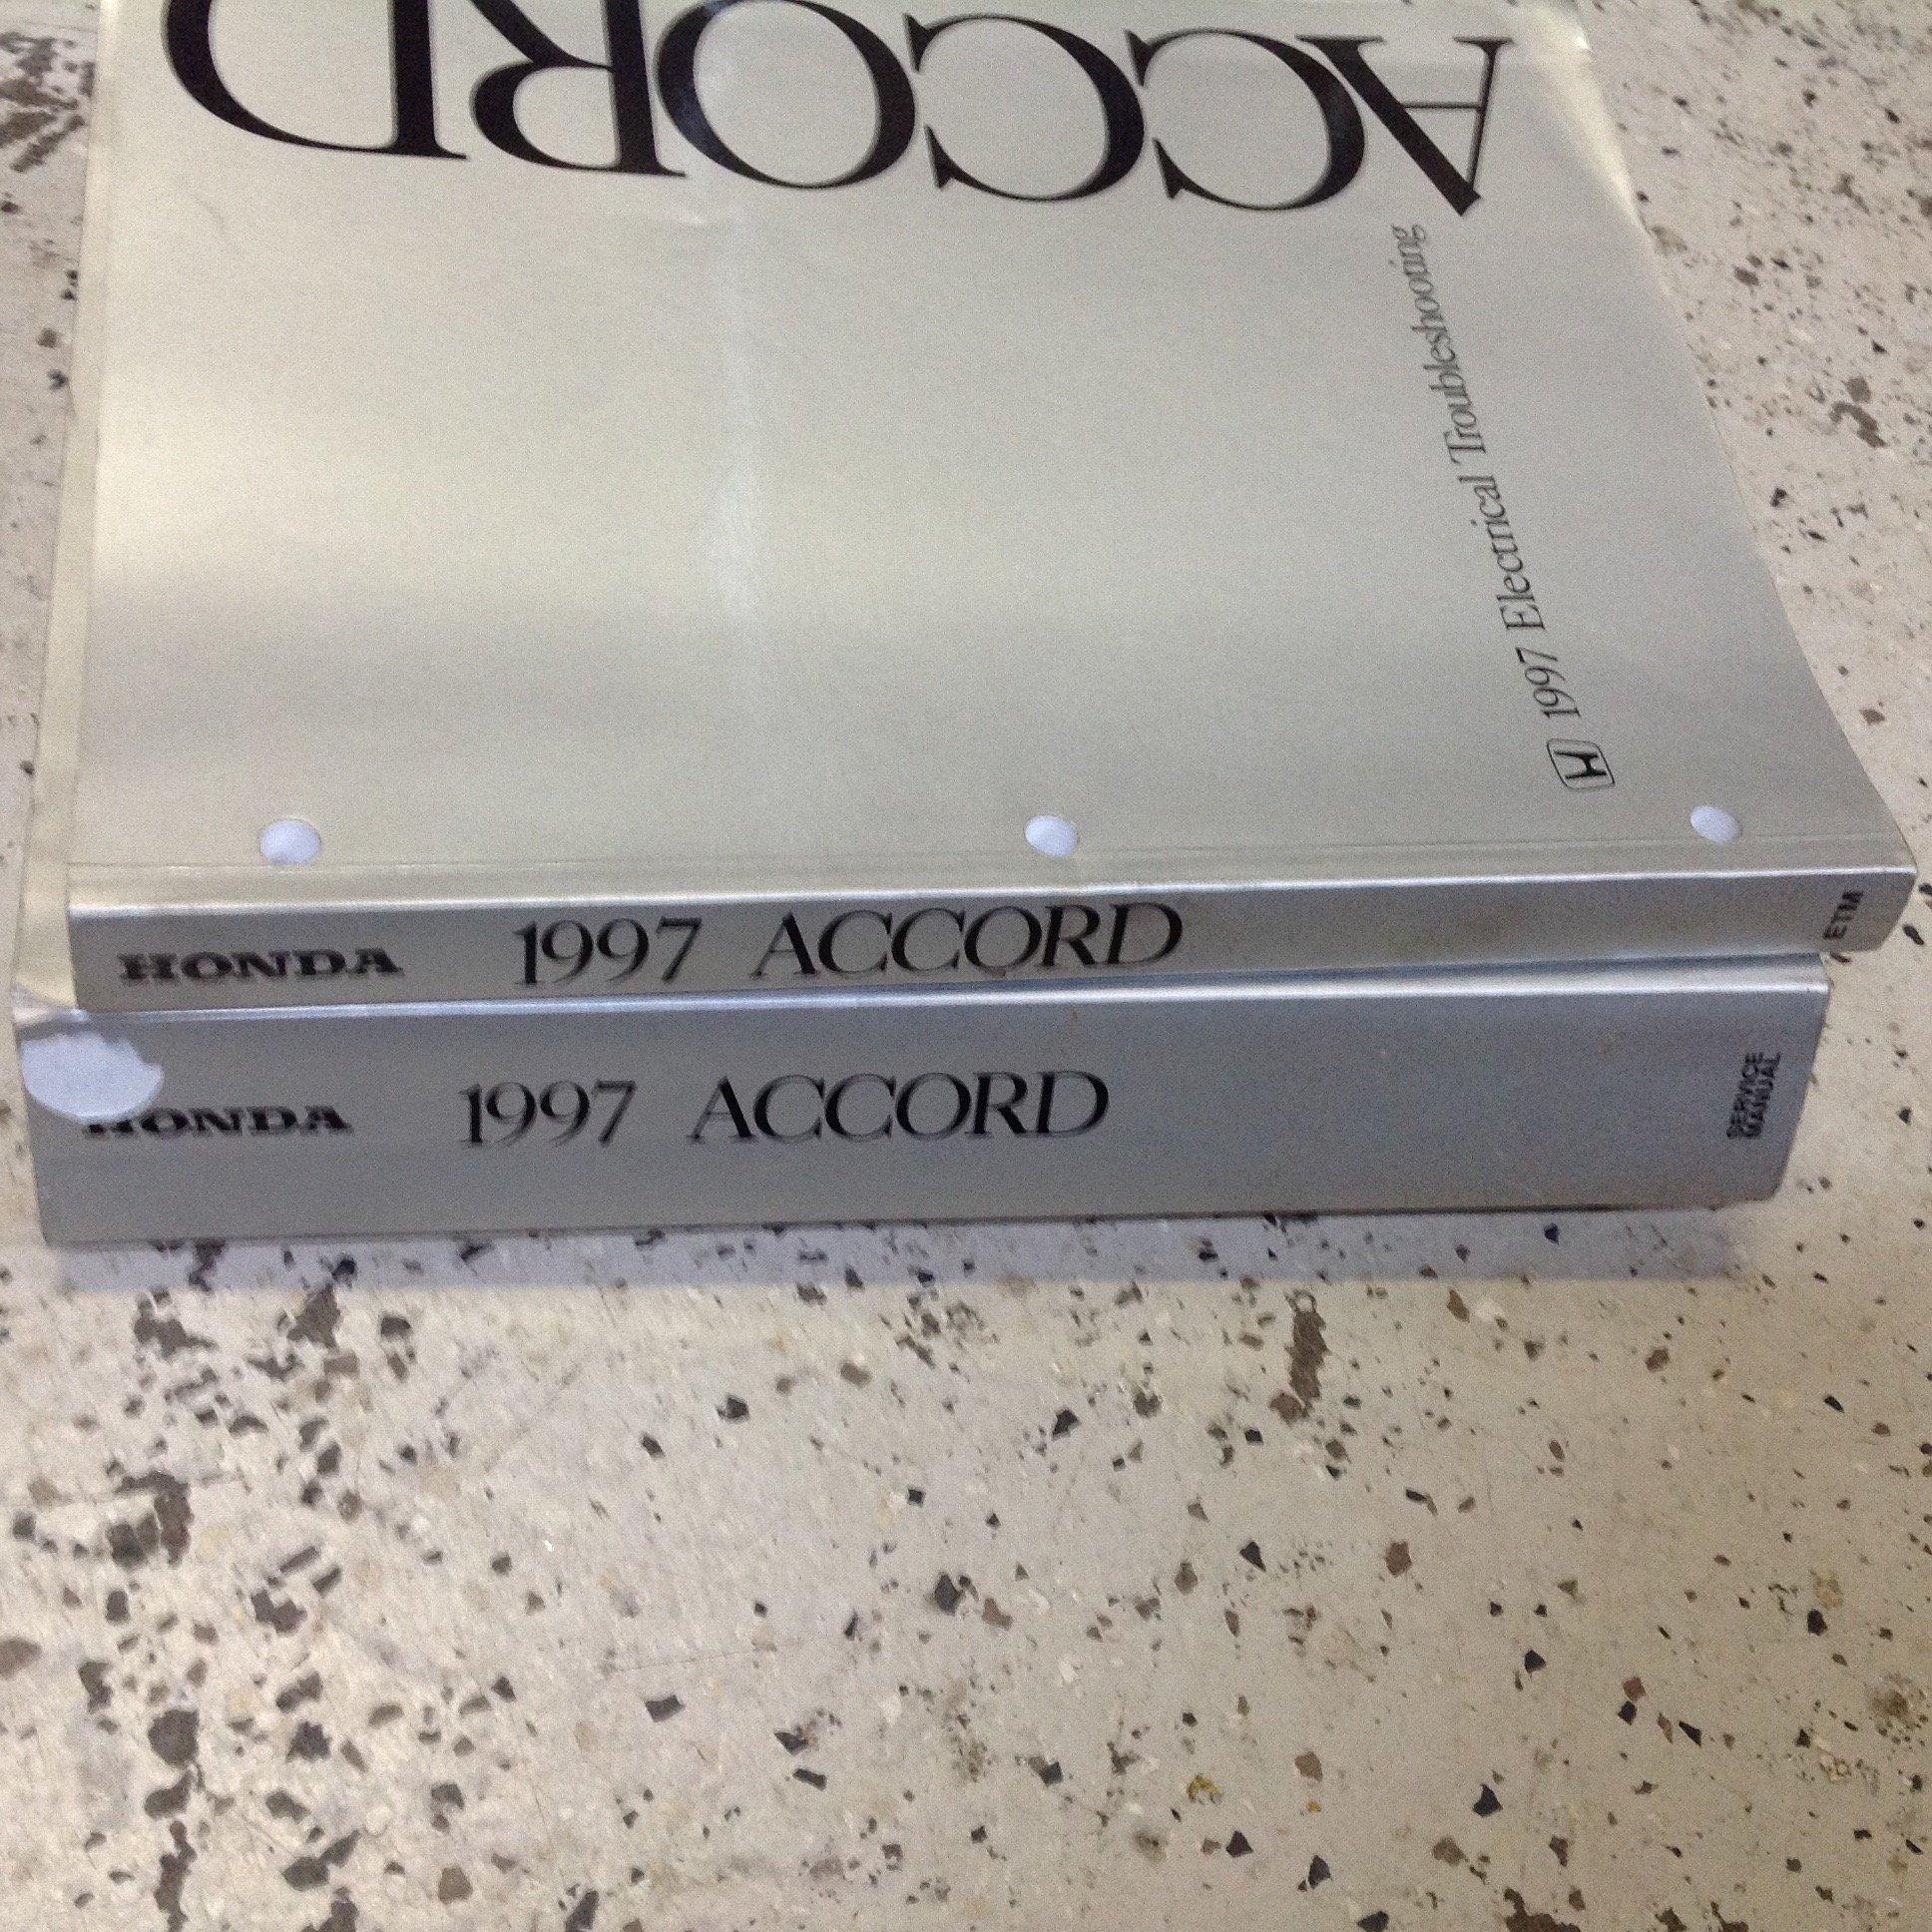 1997 Honda Accord Service Shop Repair Manual FACTORY: honda: Amazon.com:  Books